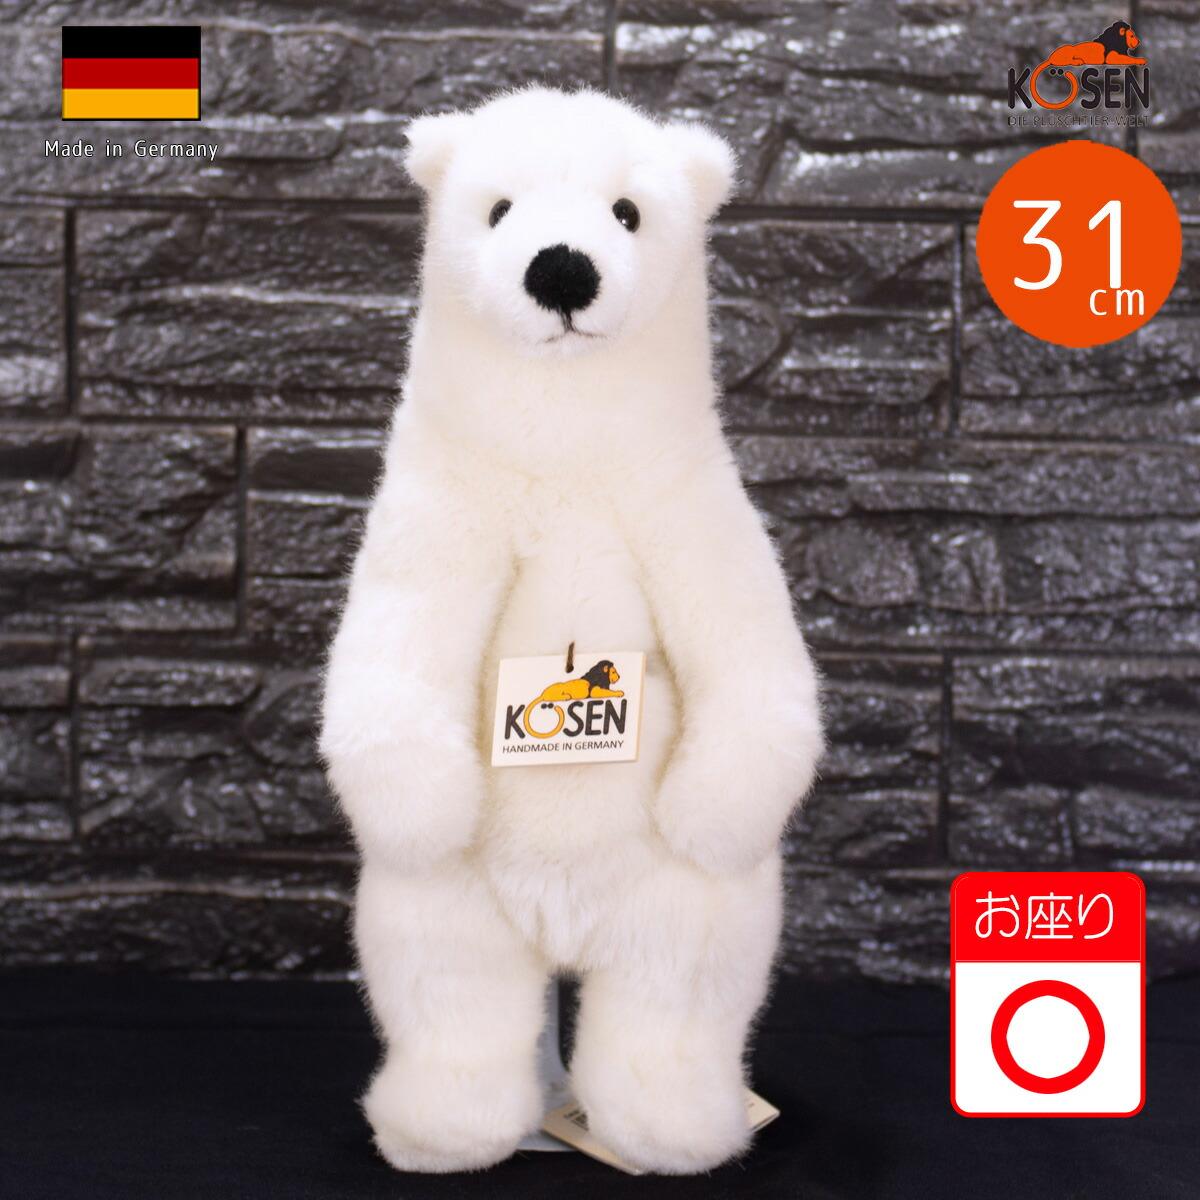 """ケーセン ぬいぐるみ kosen ソフト 白熊 シロクマ(小)座り 31cm """"Linn"""" Polar Bear クマ くま テディベア リアル 動物"""